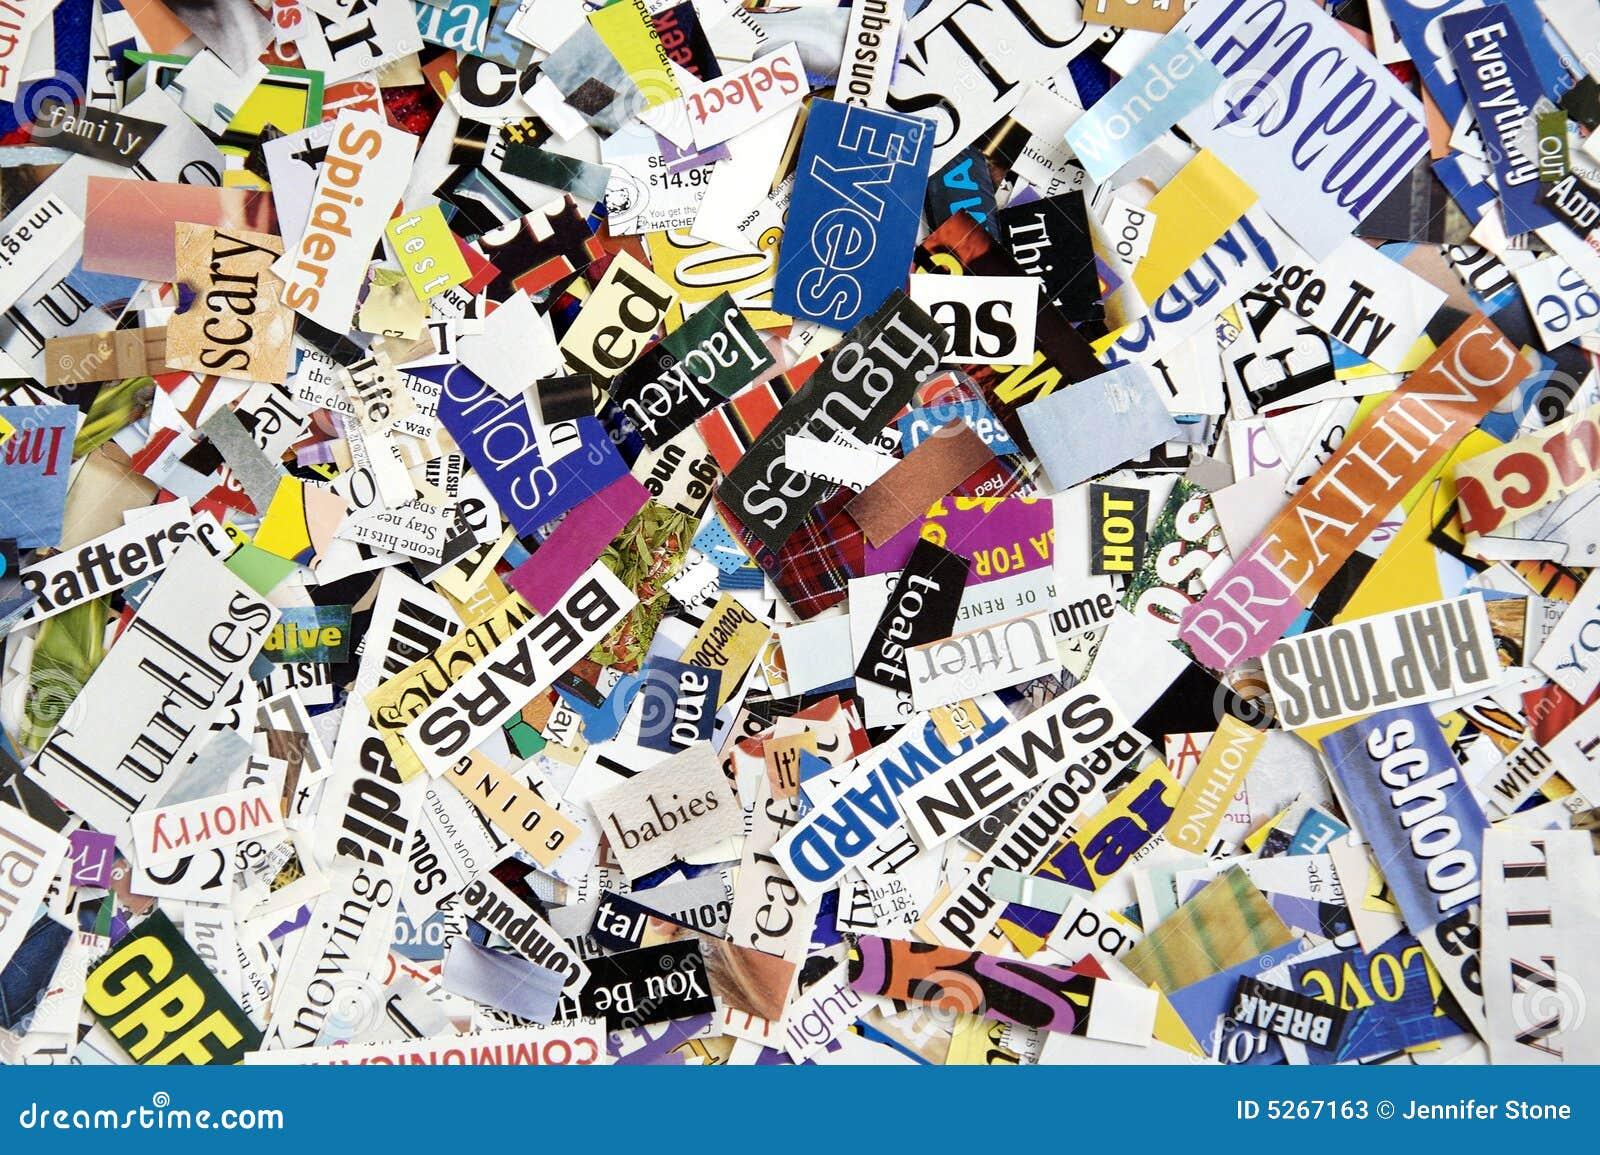 Magazine word background stock photography image 12291482 - More Similar Stock Images Of Magazine Word Background